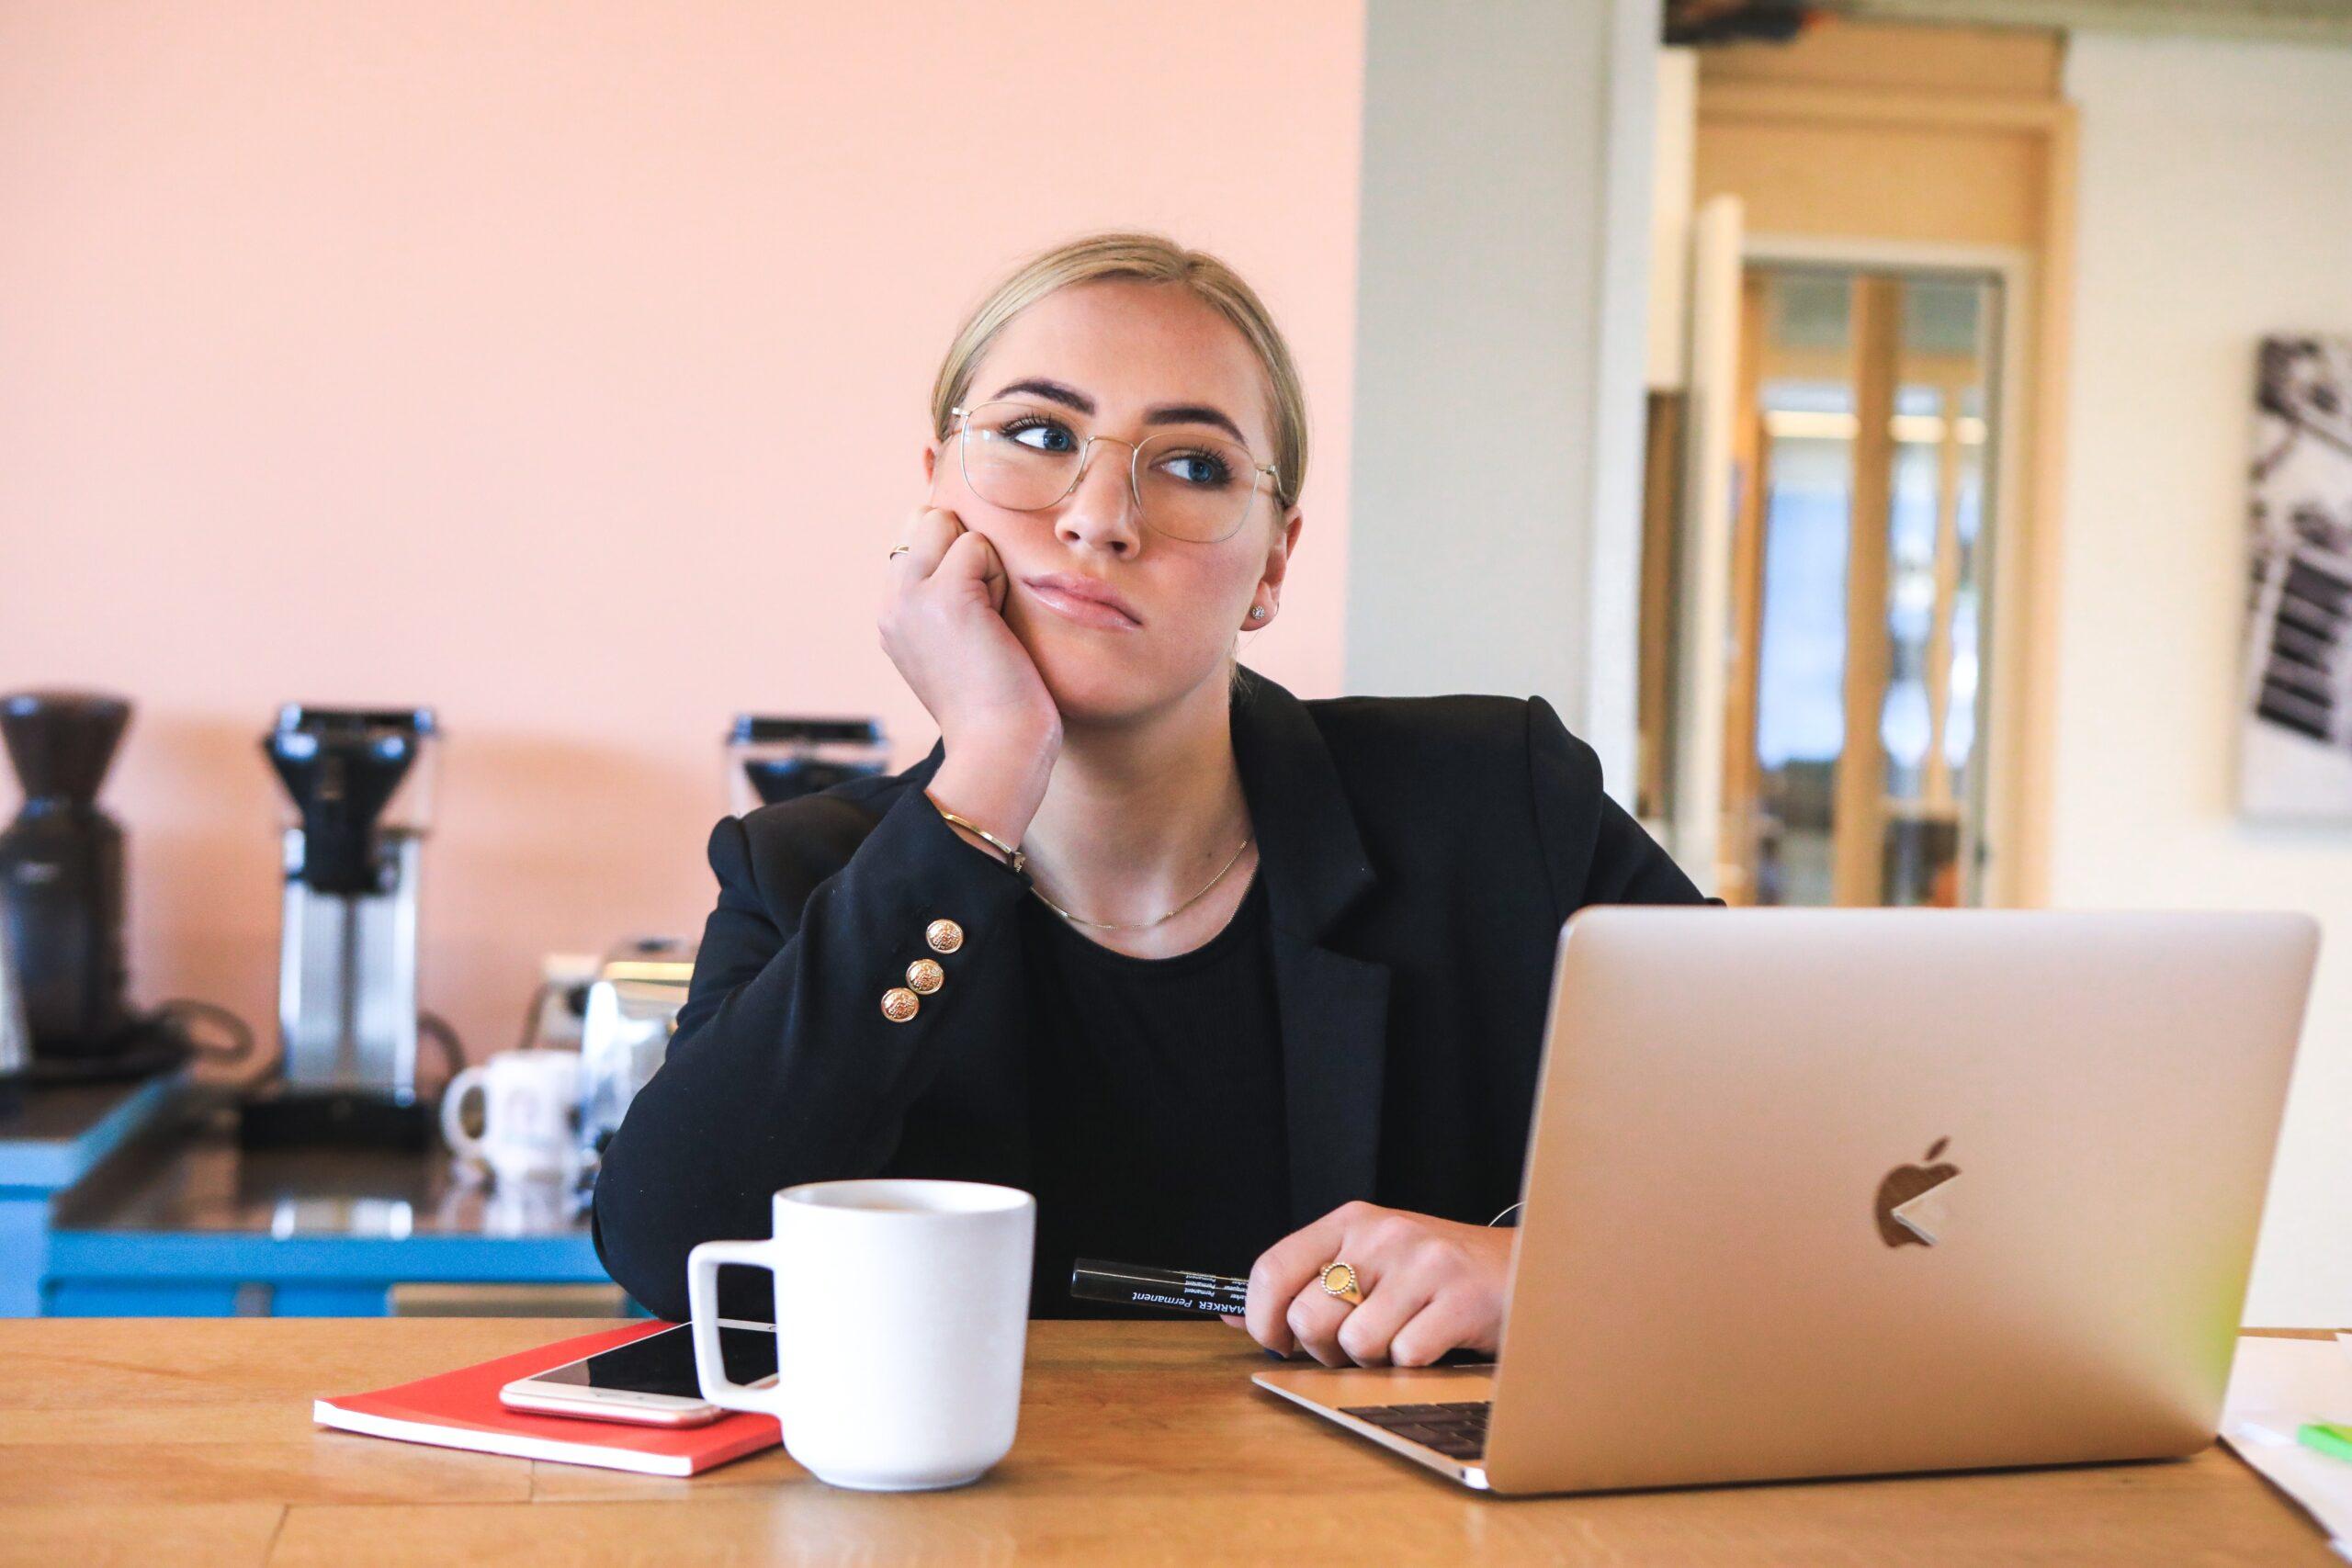 Har du rättMBTI-personlighet för att jobba hemifrån?